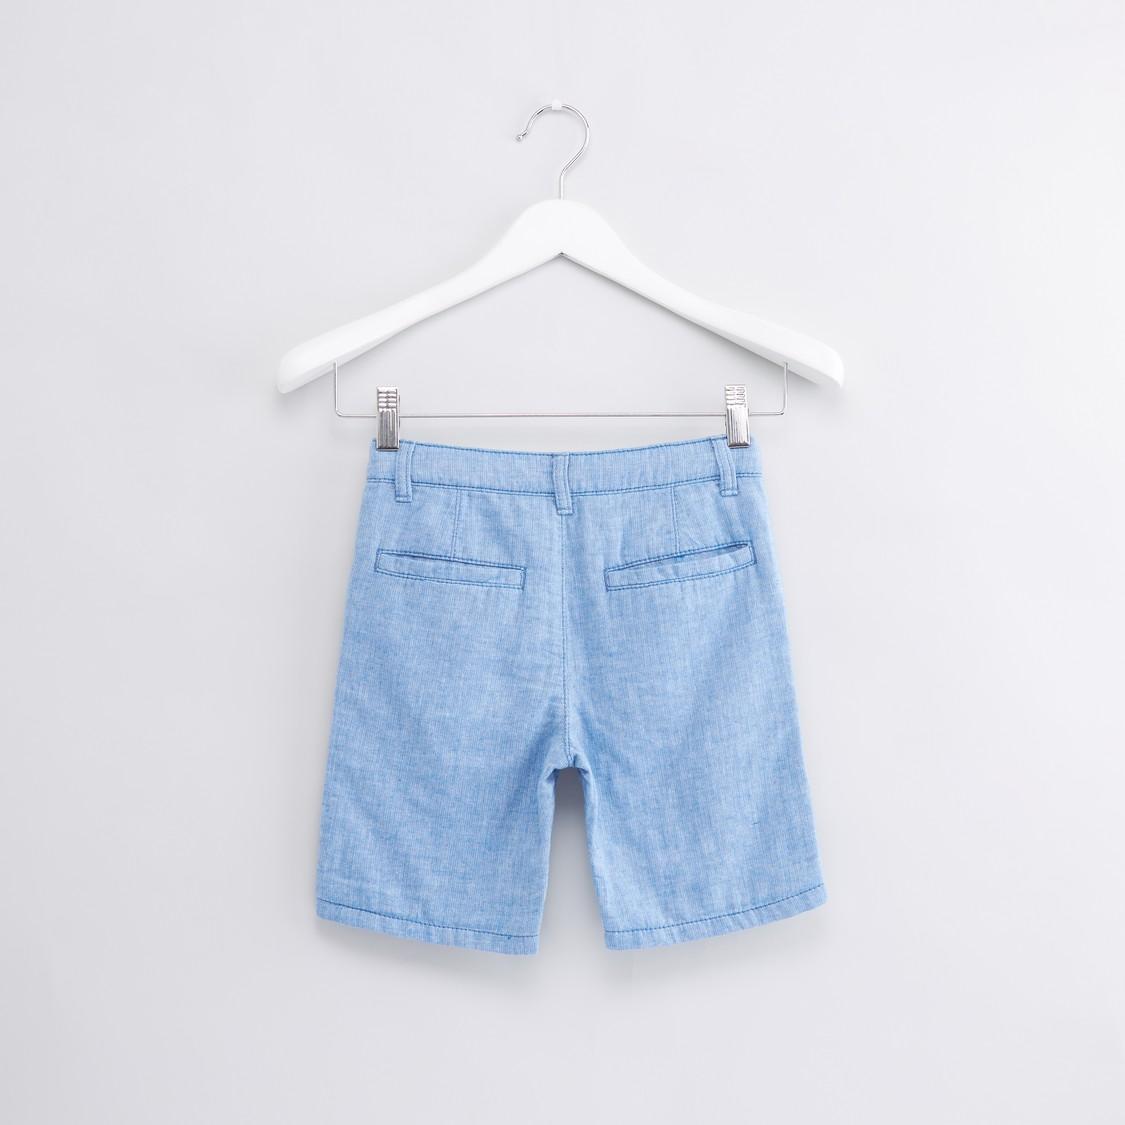 Pocket Detail Shorts with Drawstring